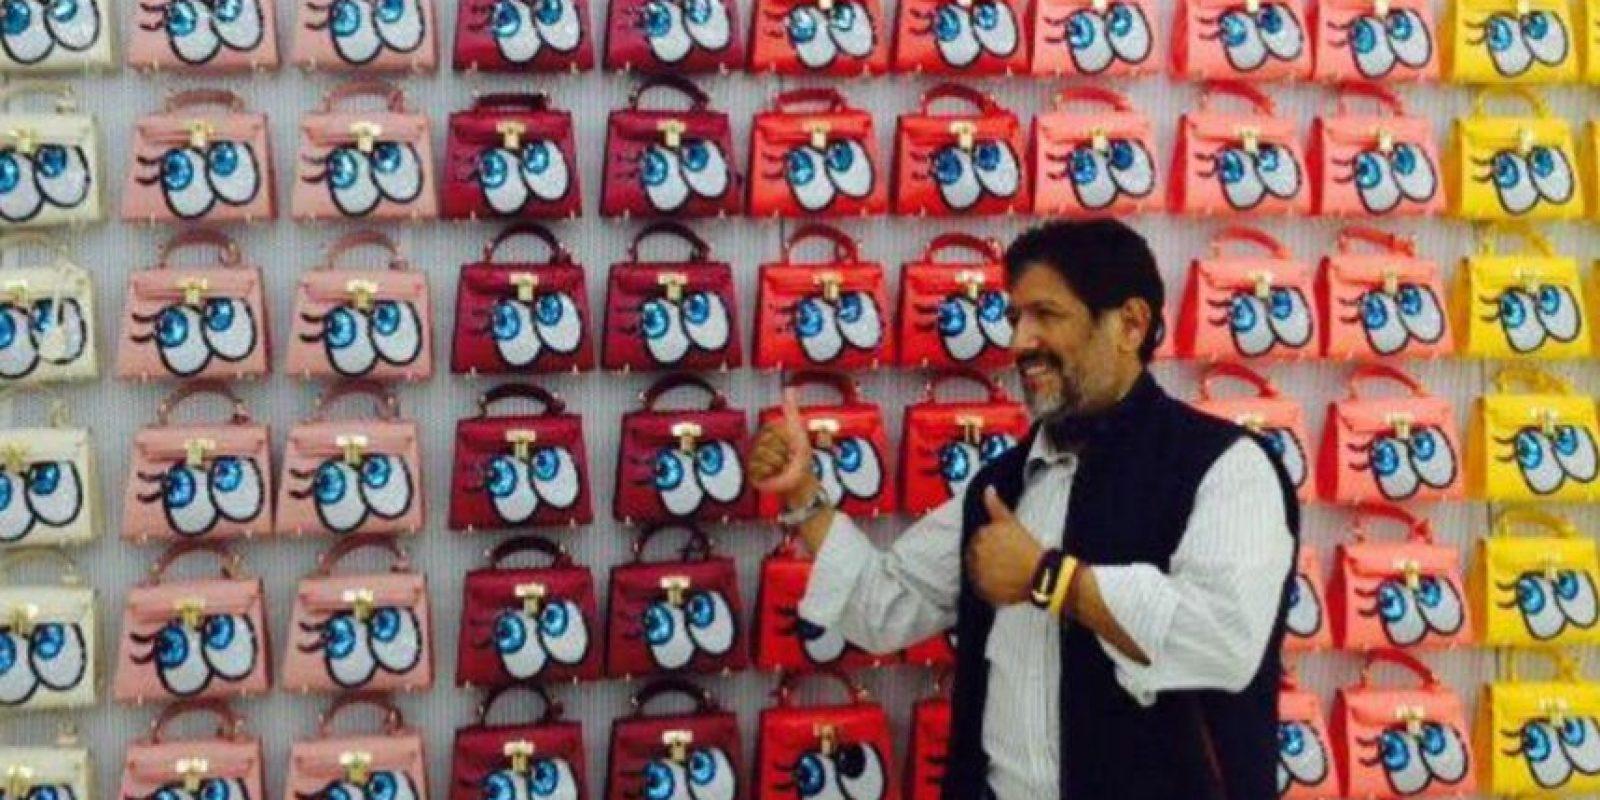 """Osorio montó la obra de teatro """"Entrevístame, me llamo Juan y soy adicto"""", con la que intenta ayudar a otros a salir de sus adicciones Foto:Vía twitter.com/osoriojua"""